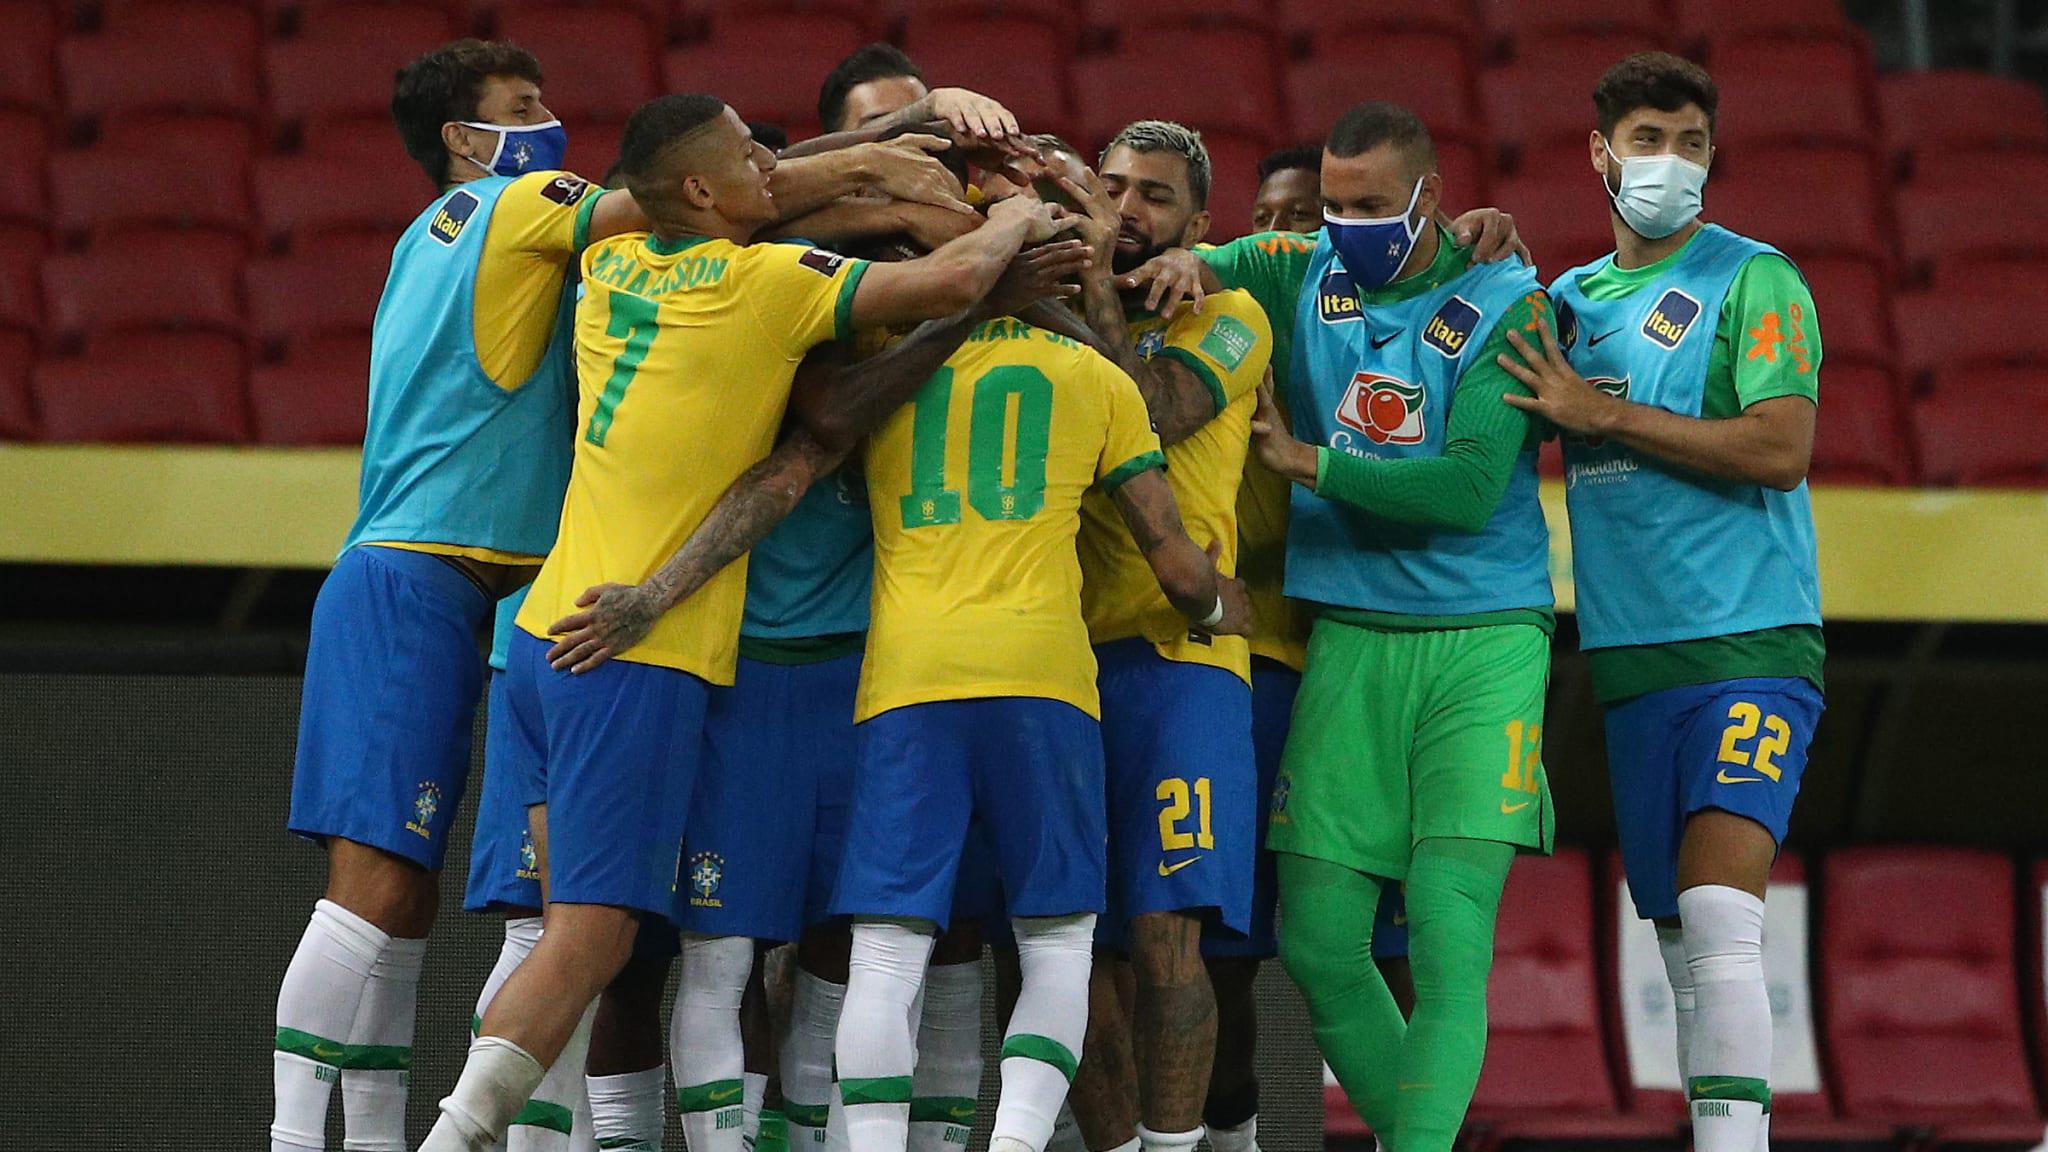 مونديال 2022: نتائج المرحلة الـ 7 وترتيب تصفيات أمريكا الجنوبية